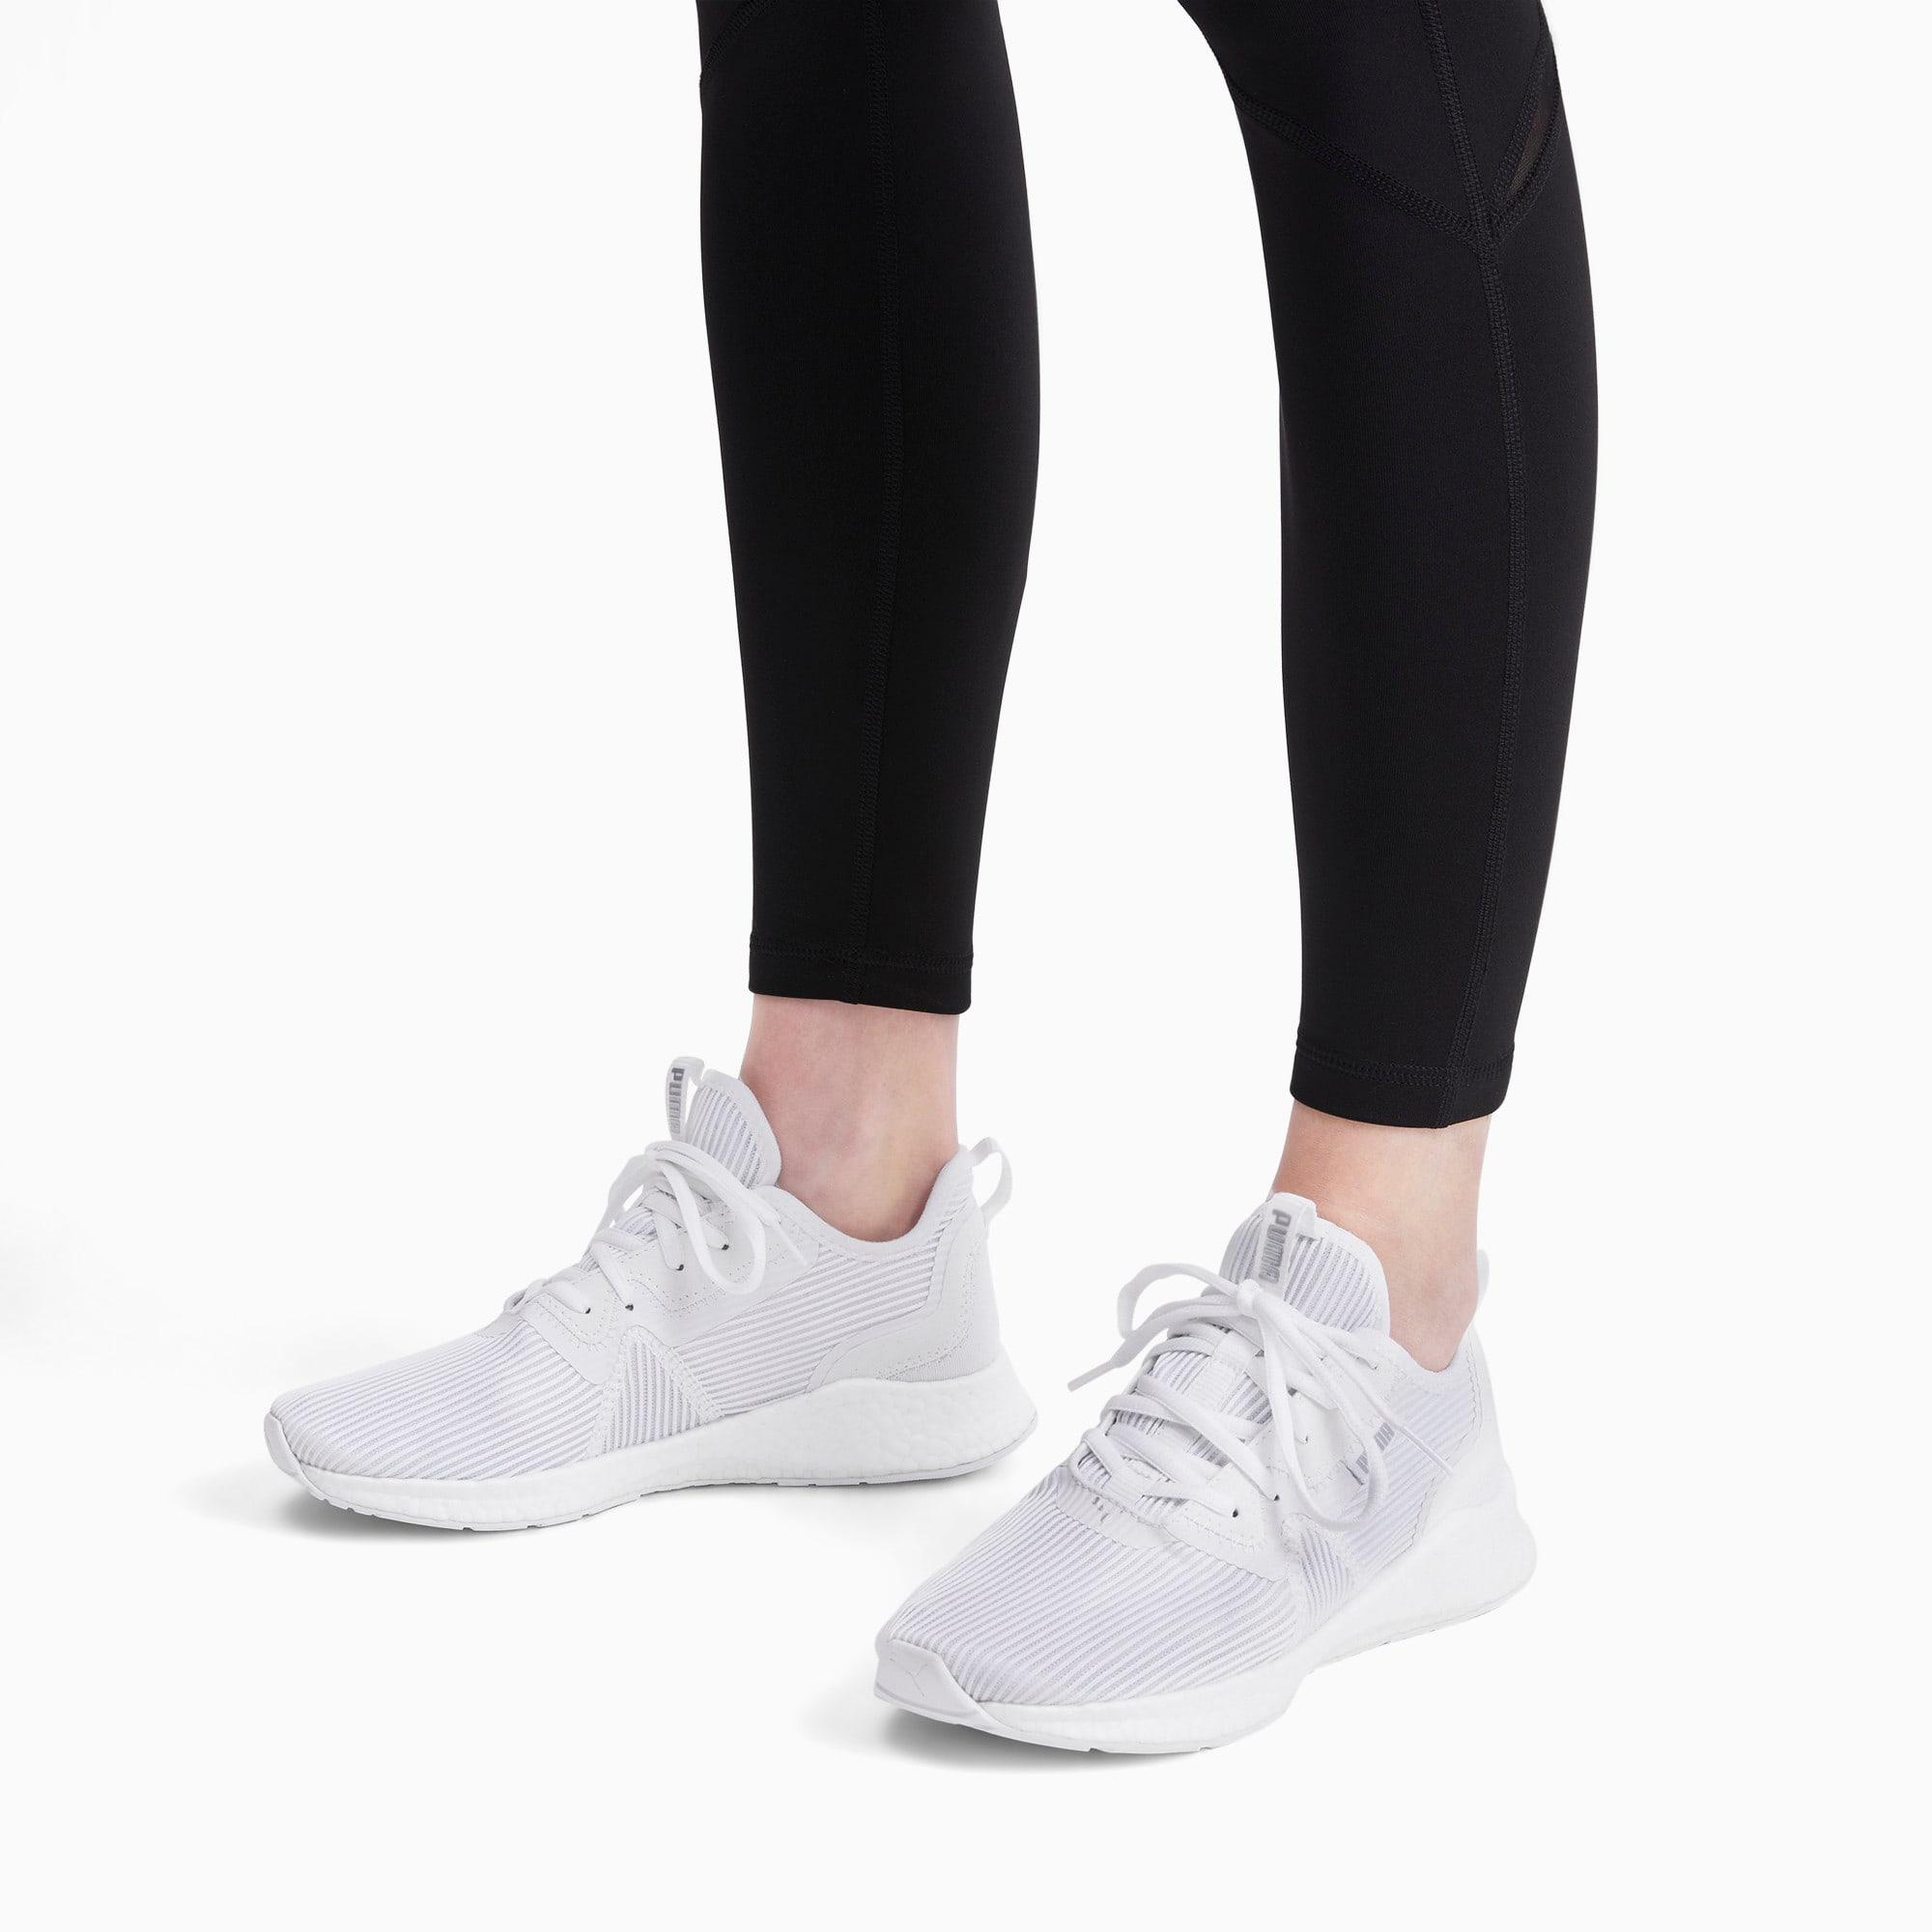 Miniatura 3 de Zapatos para correr NRGY Star Femme para mujer, Puma White-Puma Silver, mediano